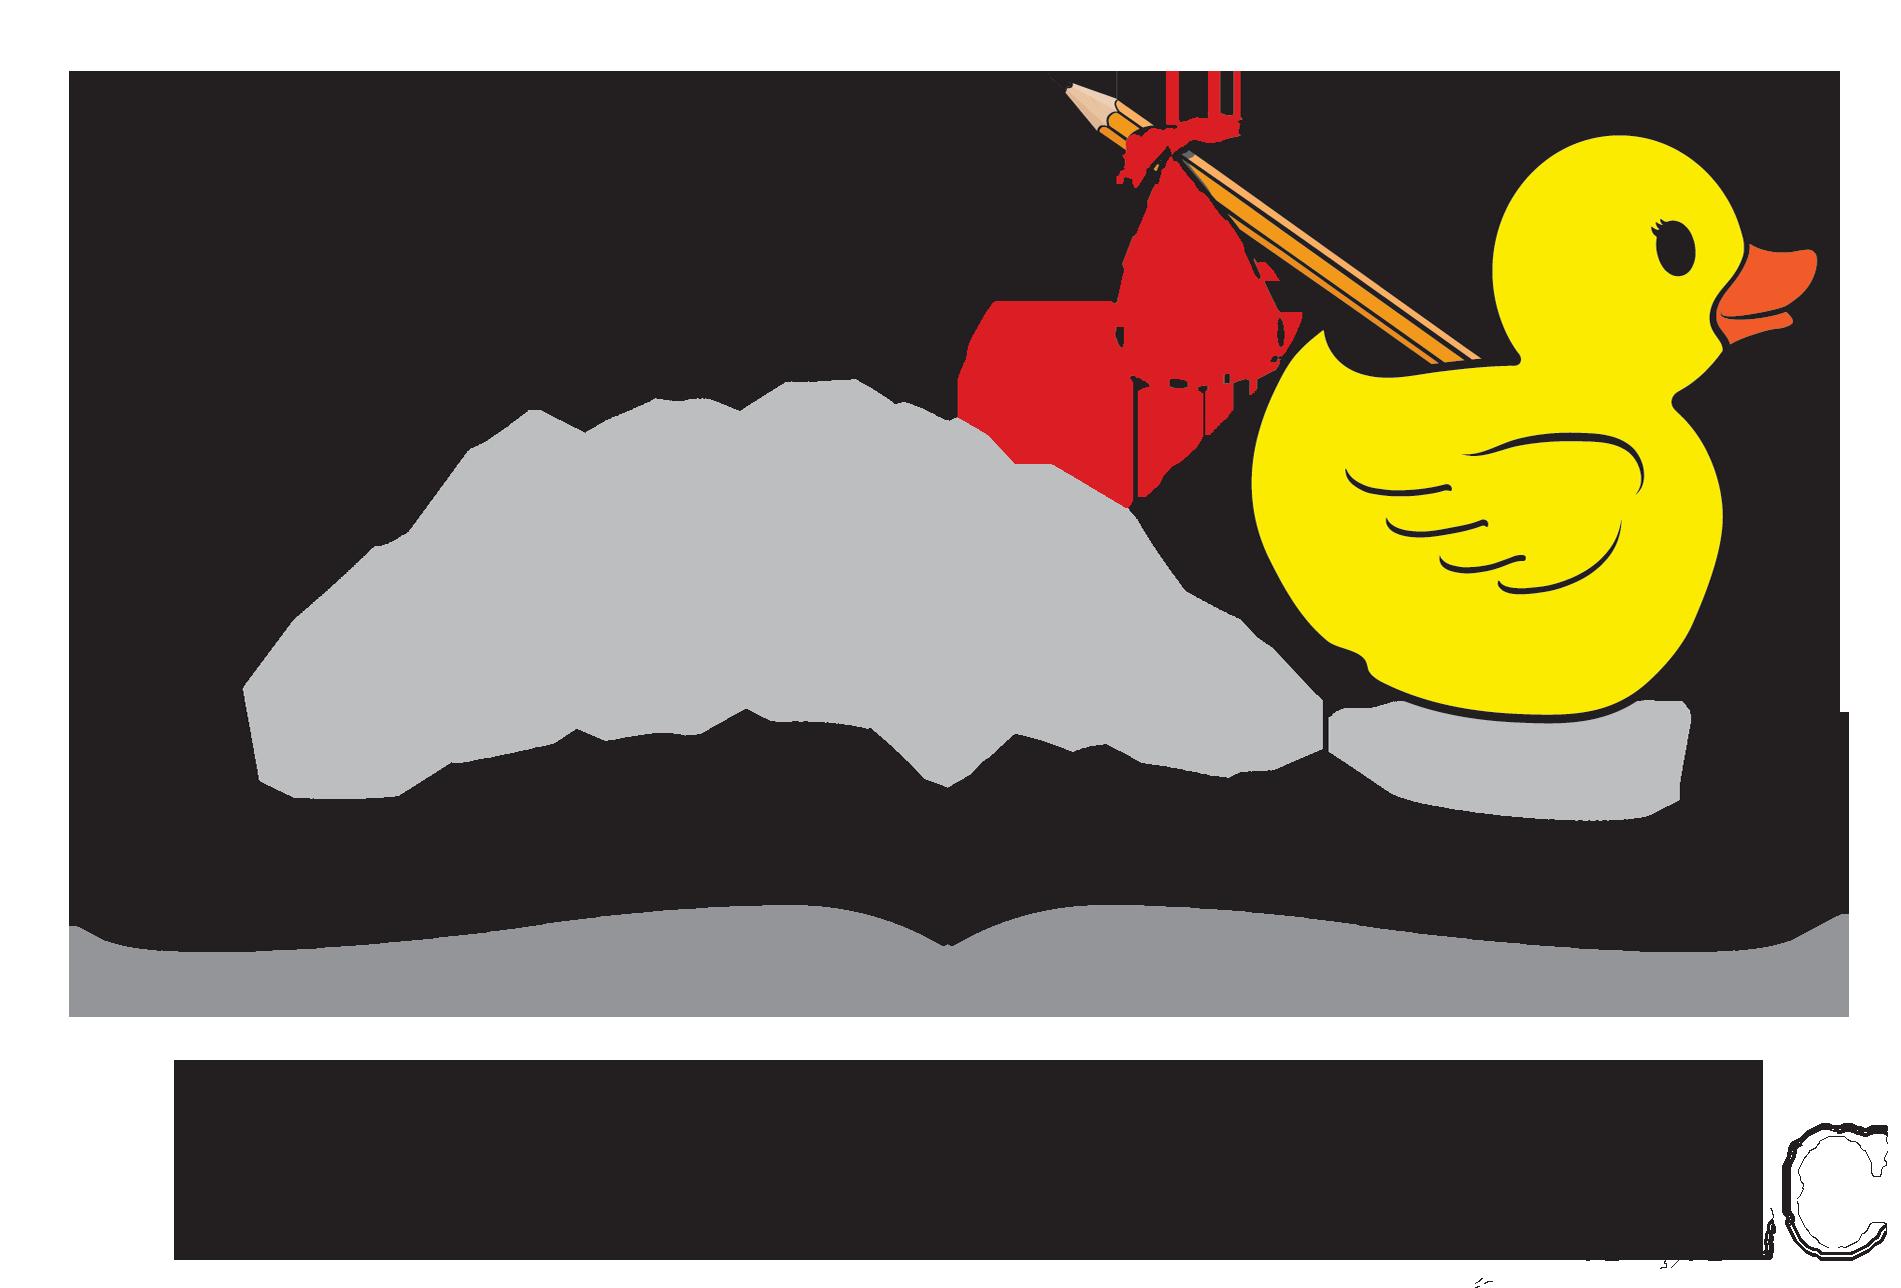 Plot Duckies